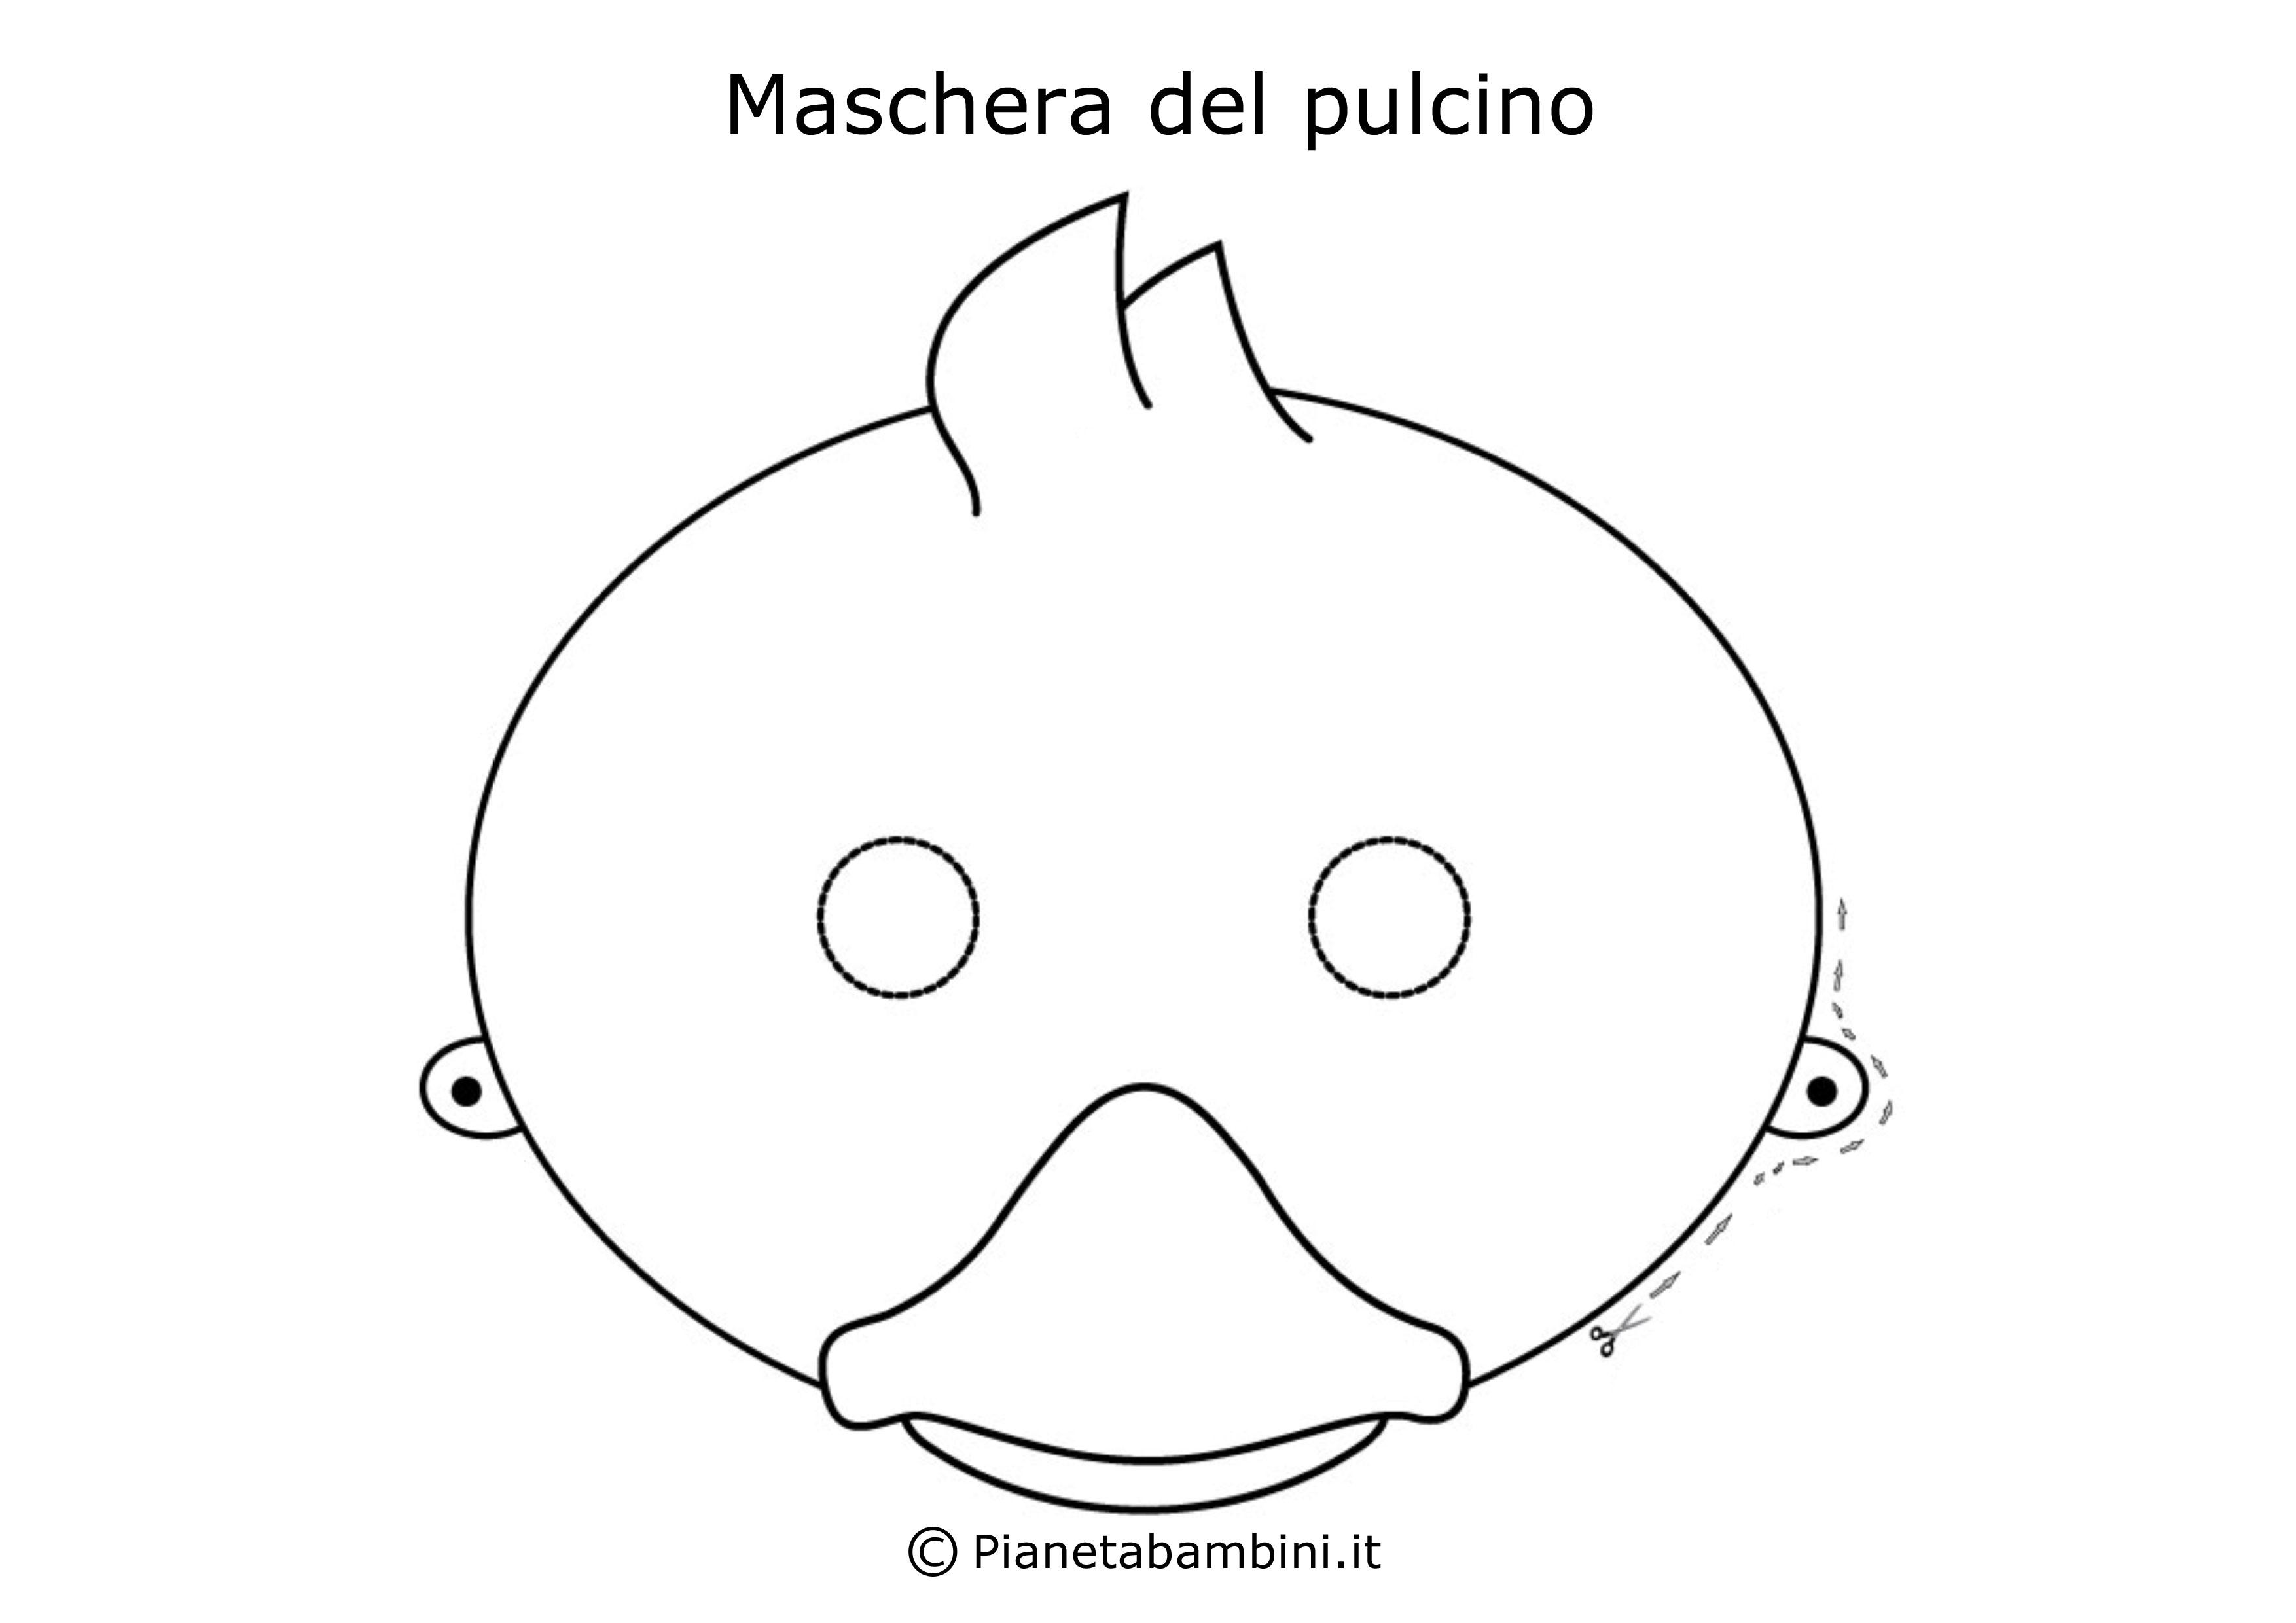 Maschera-Colorare-Pulcino